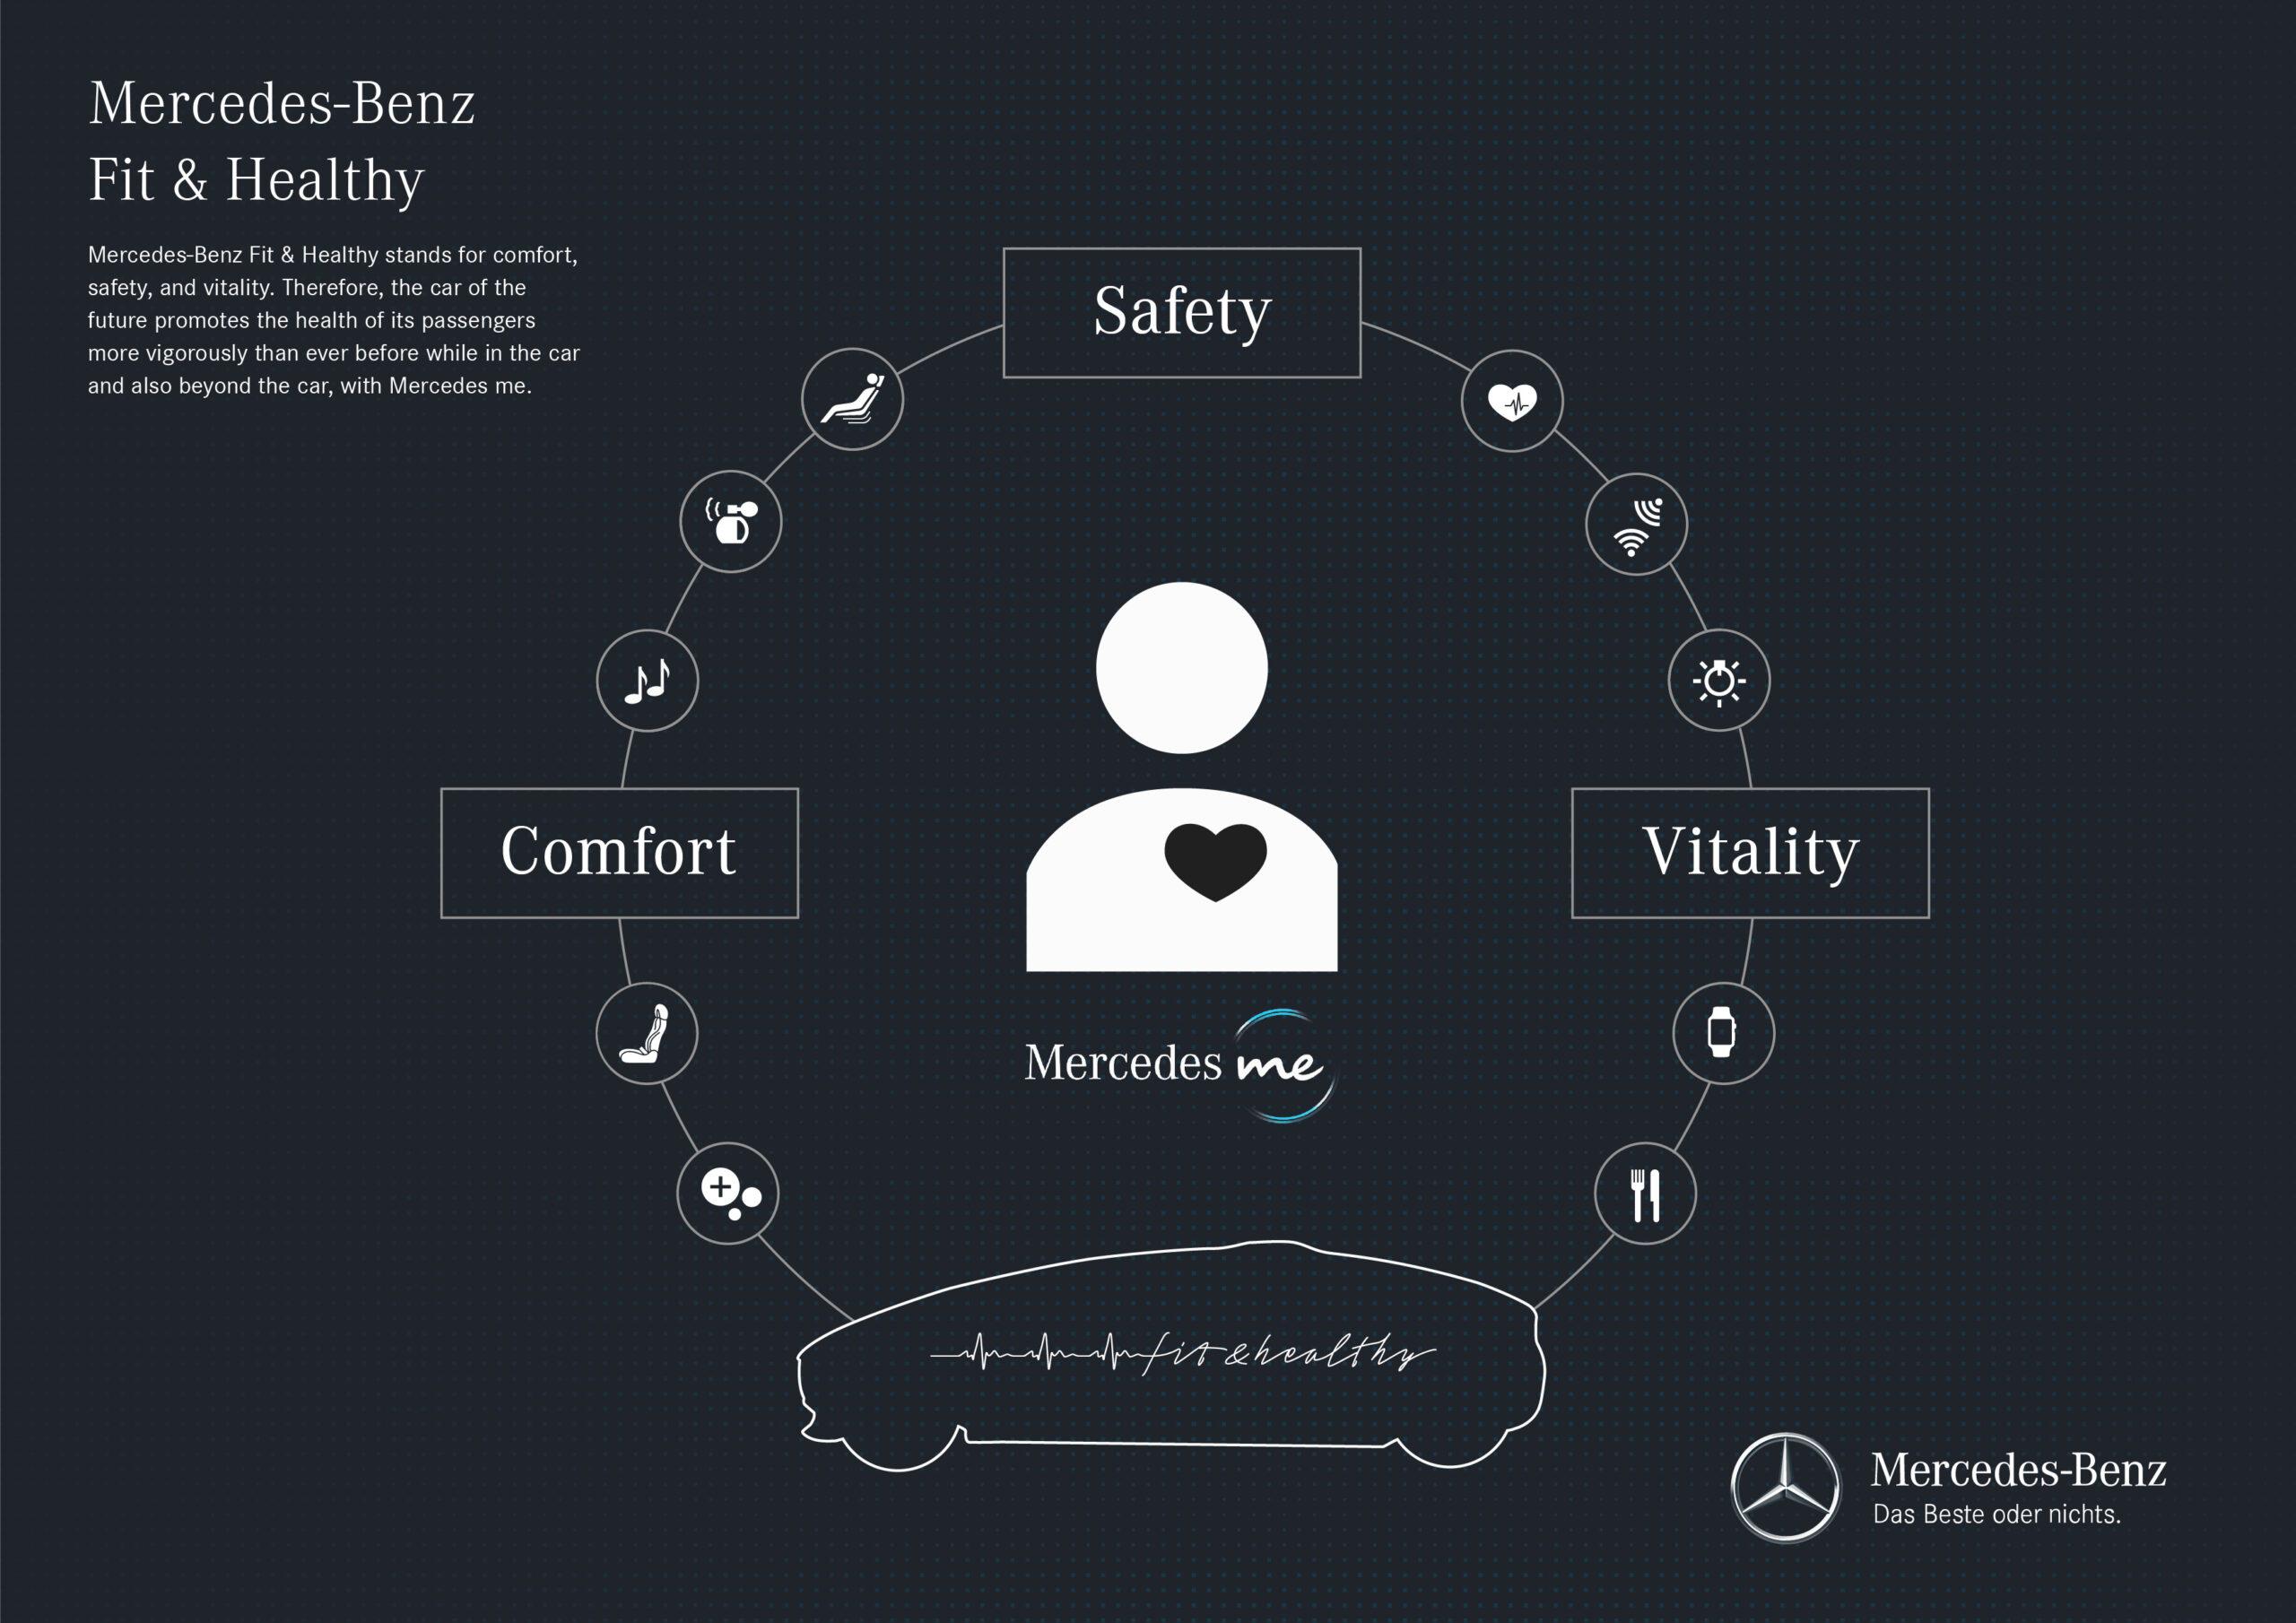 La salud del conductor, el próximo reto de la tecnología del automóvil